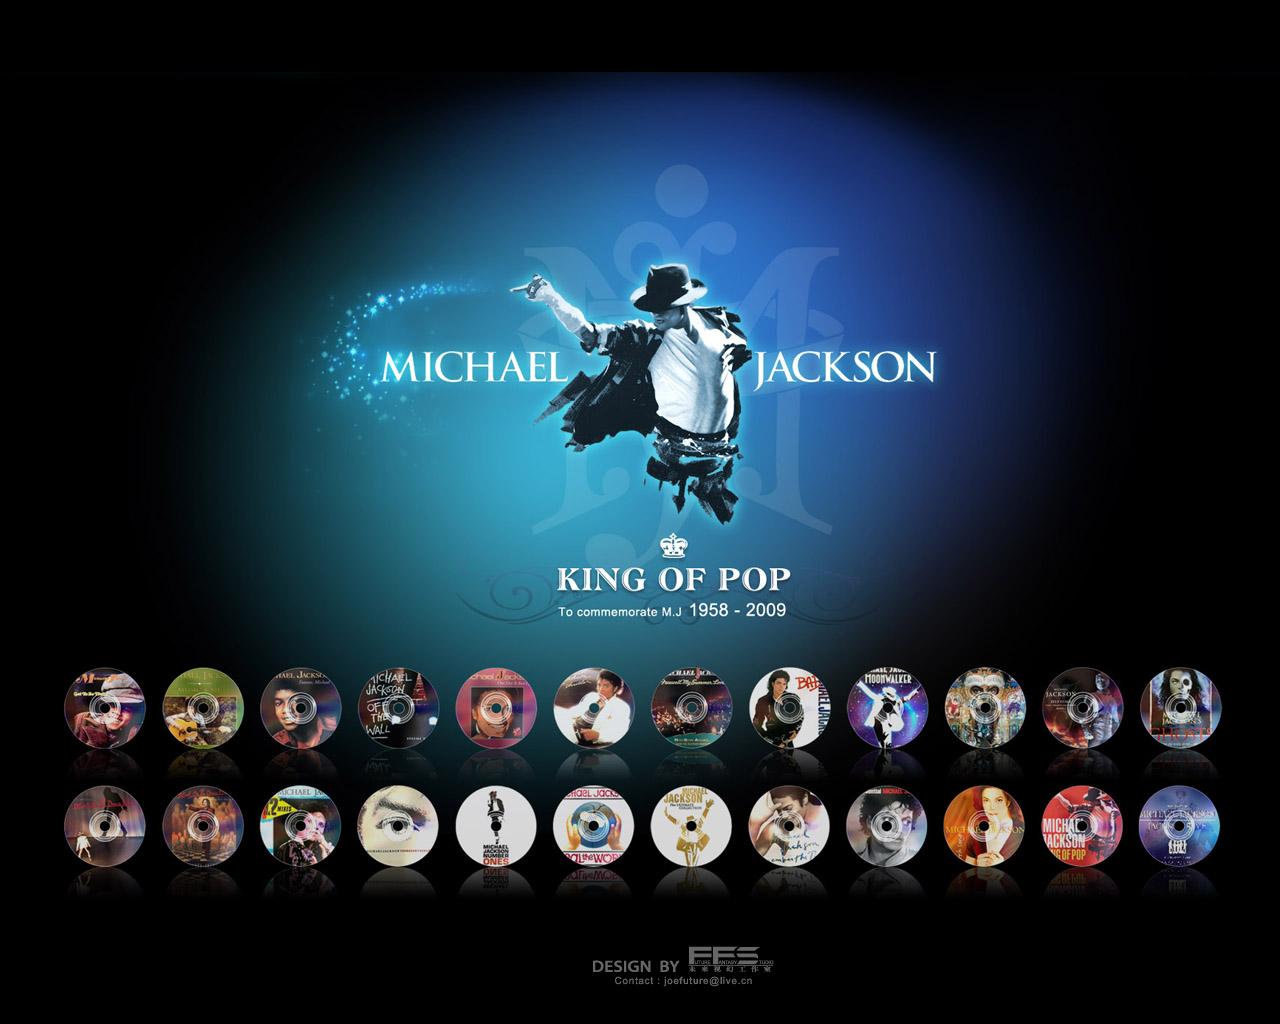 http://2.bp.blogspot.com/-bAZV6v1Sm4U/Tmpvye3Y1NI/AAAAAAAAAJA/WRy1U8yepjk/s1600/Michael+Jackson.jpg